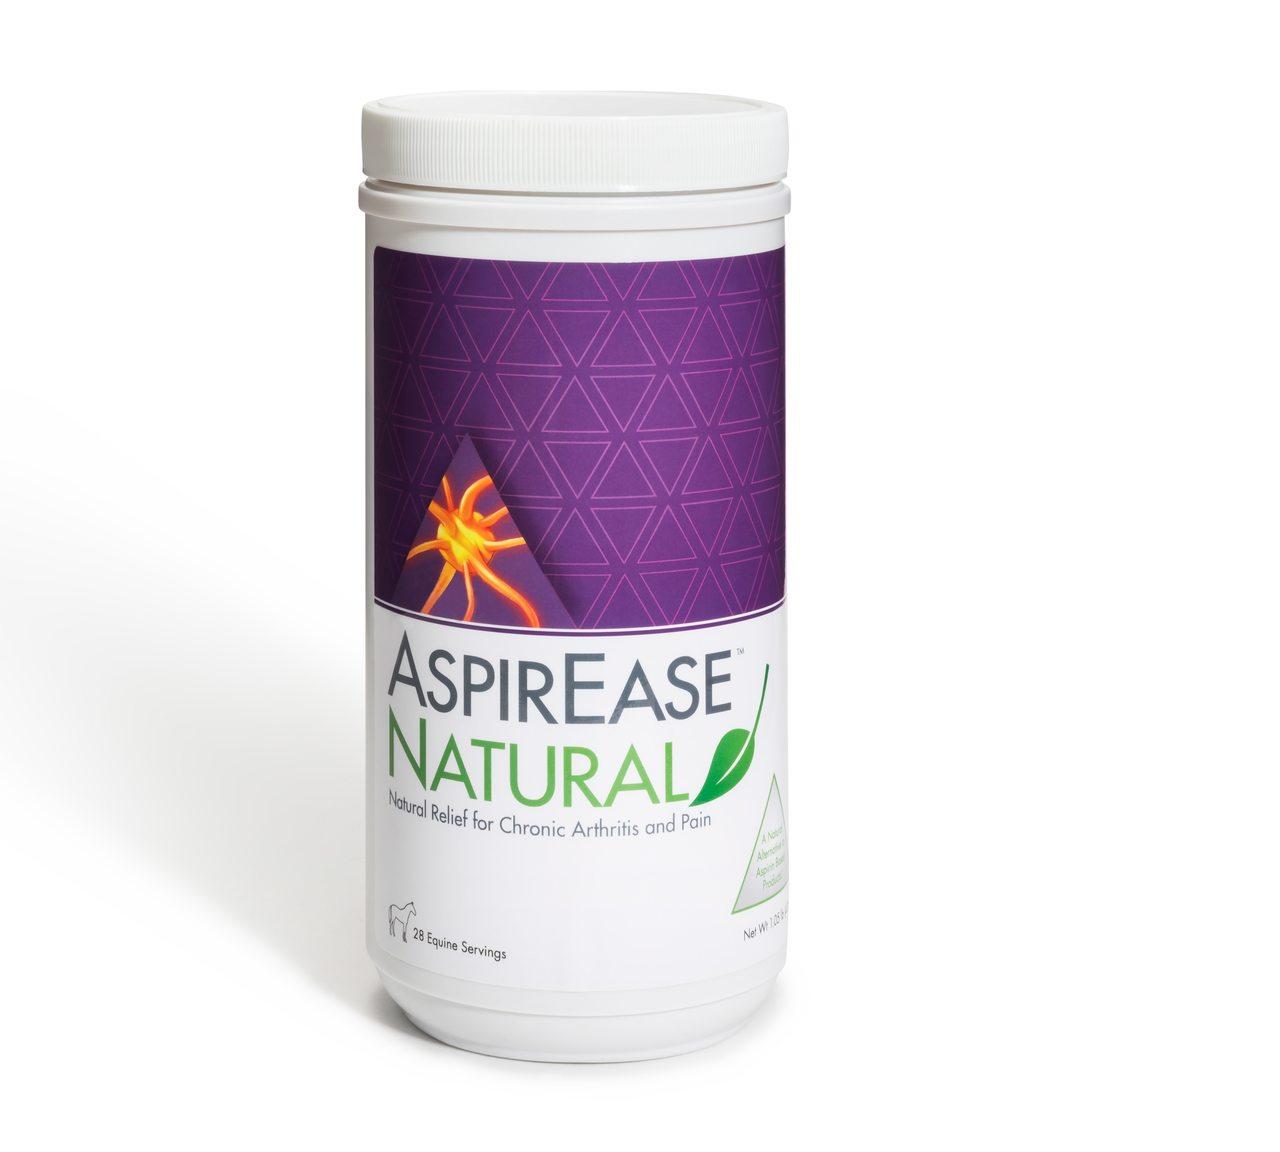 AspirEase Natural Granules